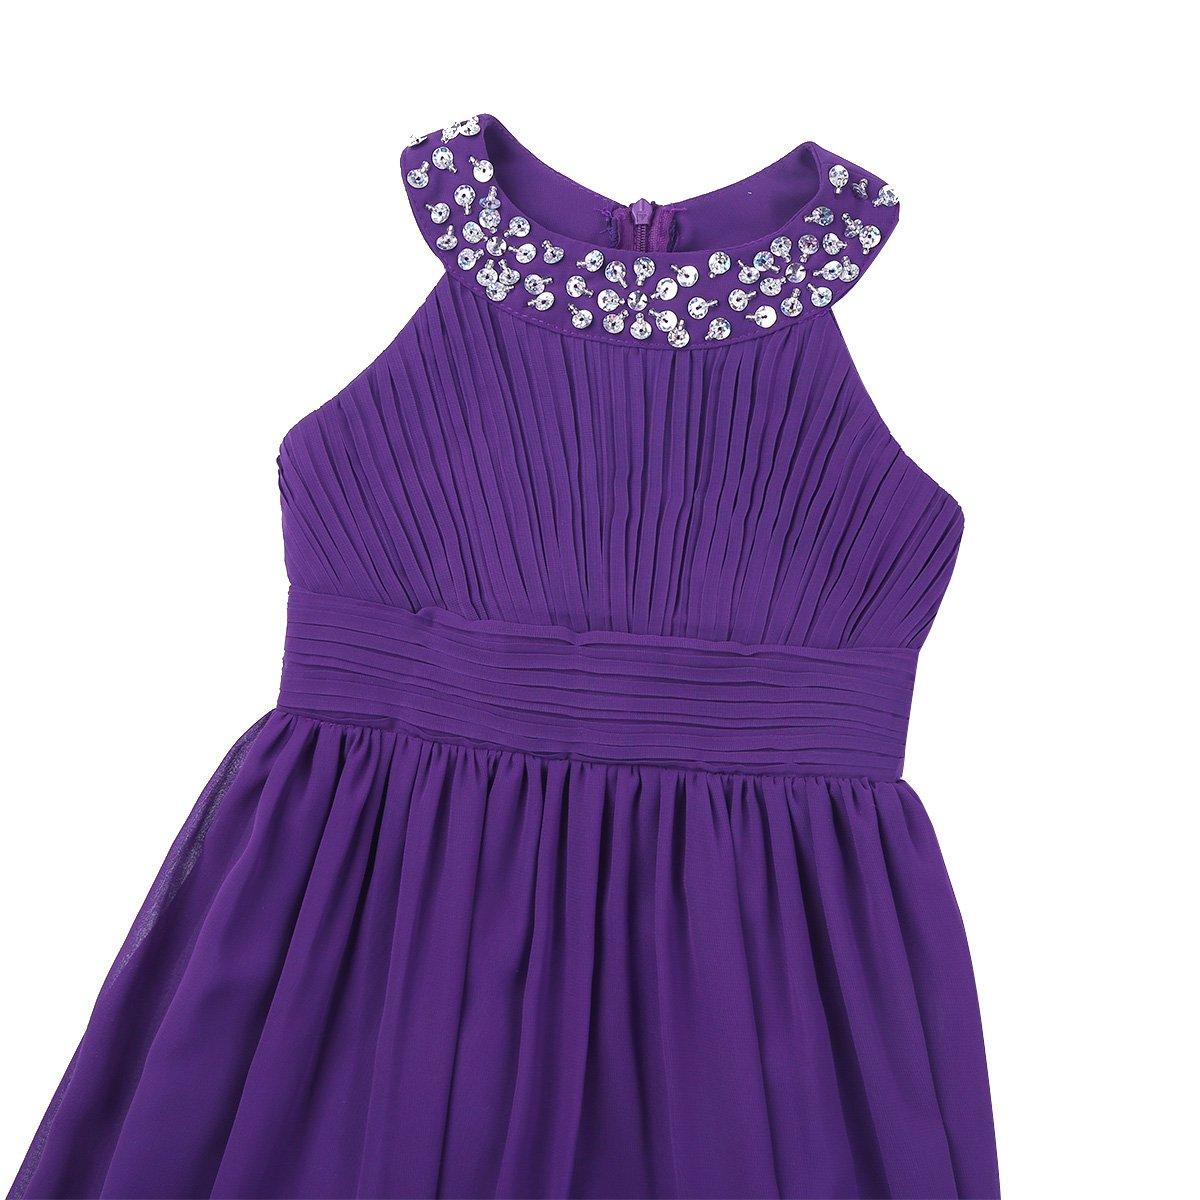 iiniim Junior Kids Flower Girl Dress Sequins Chiffon Wedding Party Summer Ball Prom Evening Gowns Dresses